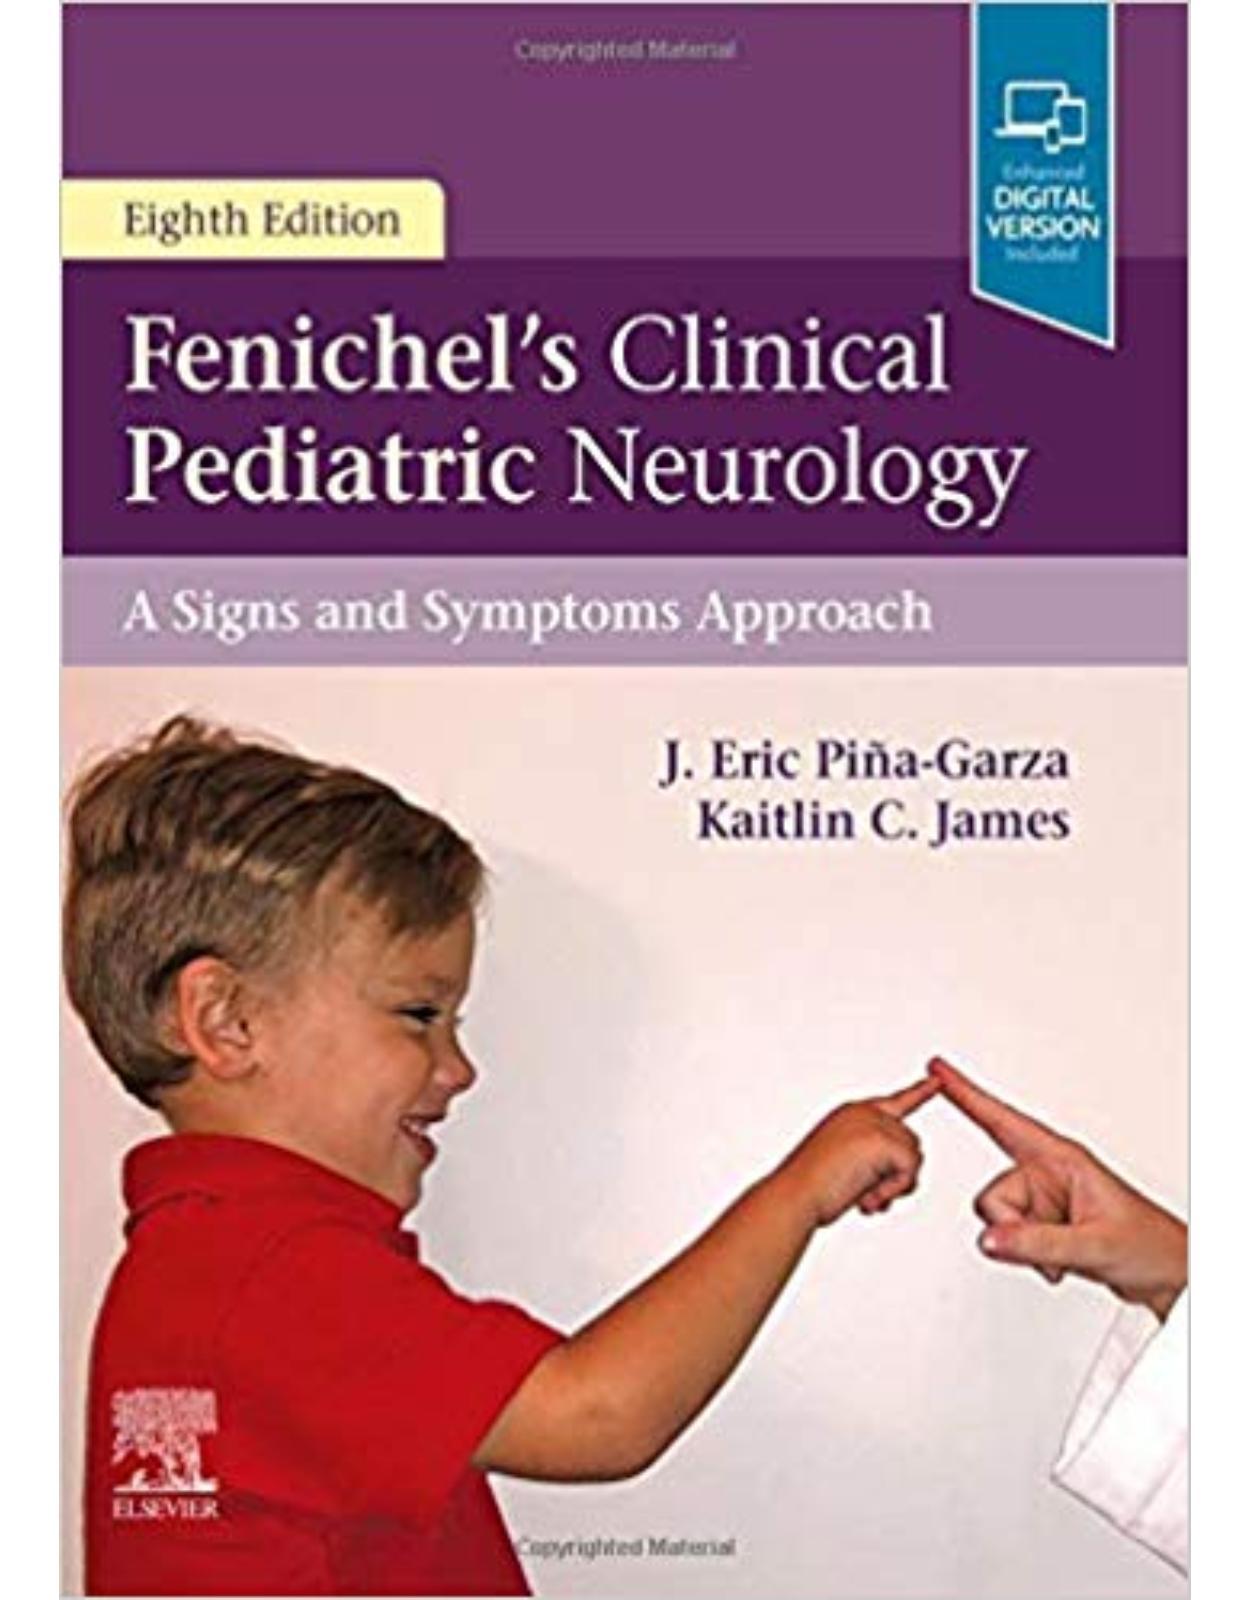 Fenichel's Clinical Pediatric Neurology, 8th Edition